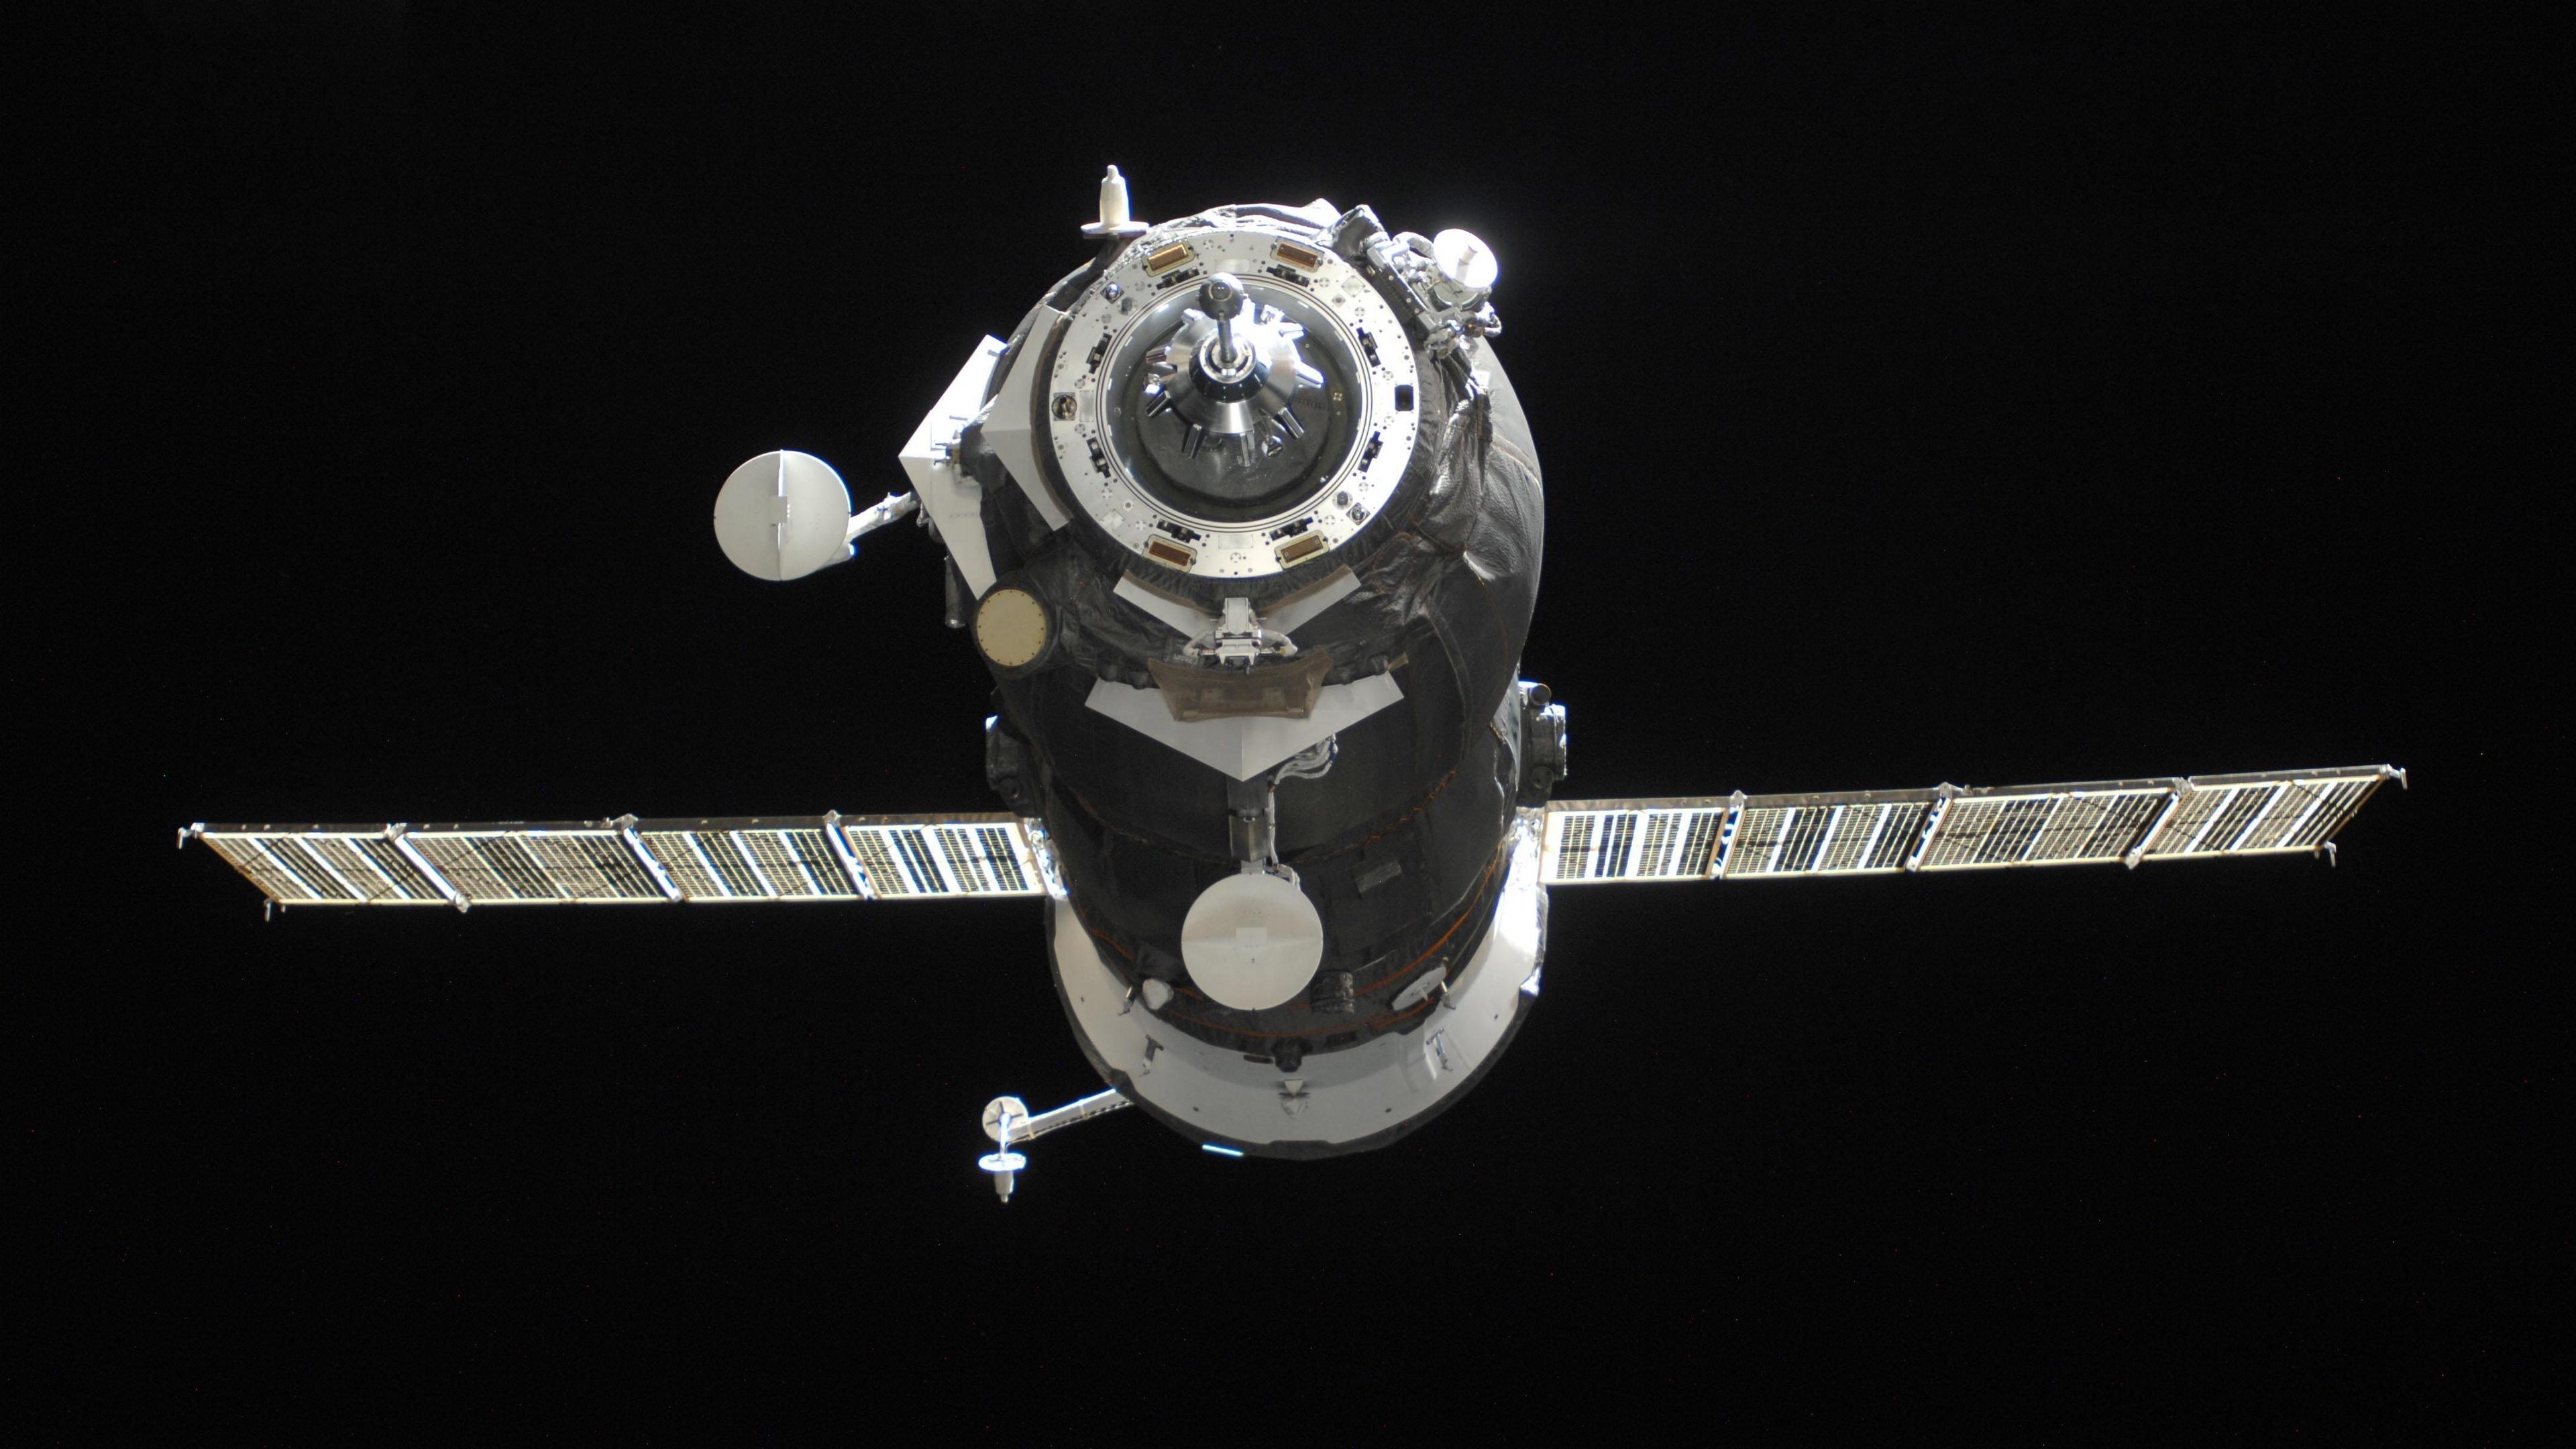 cargo spaceship space flight 4k 1536013811 - cargo spaceship, space, flight 4k - Space, Flight, cargo spaceship